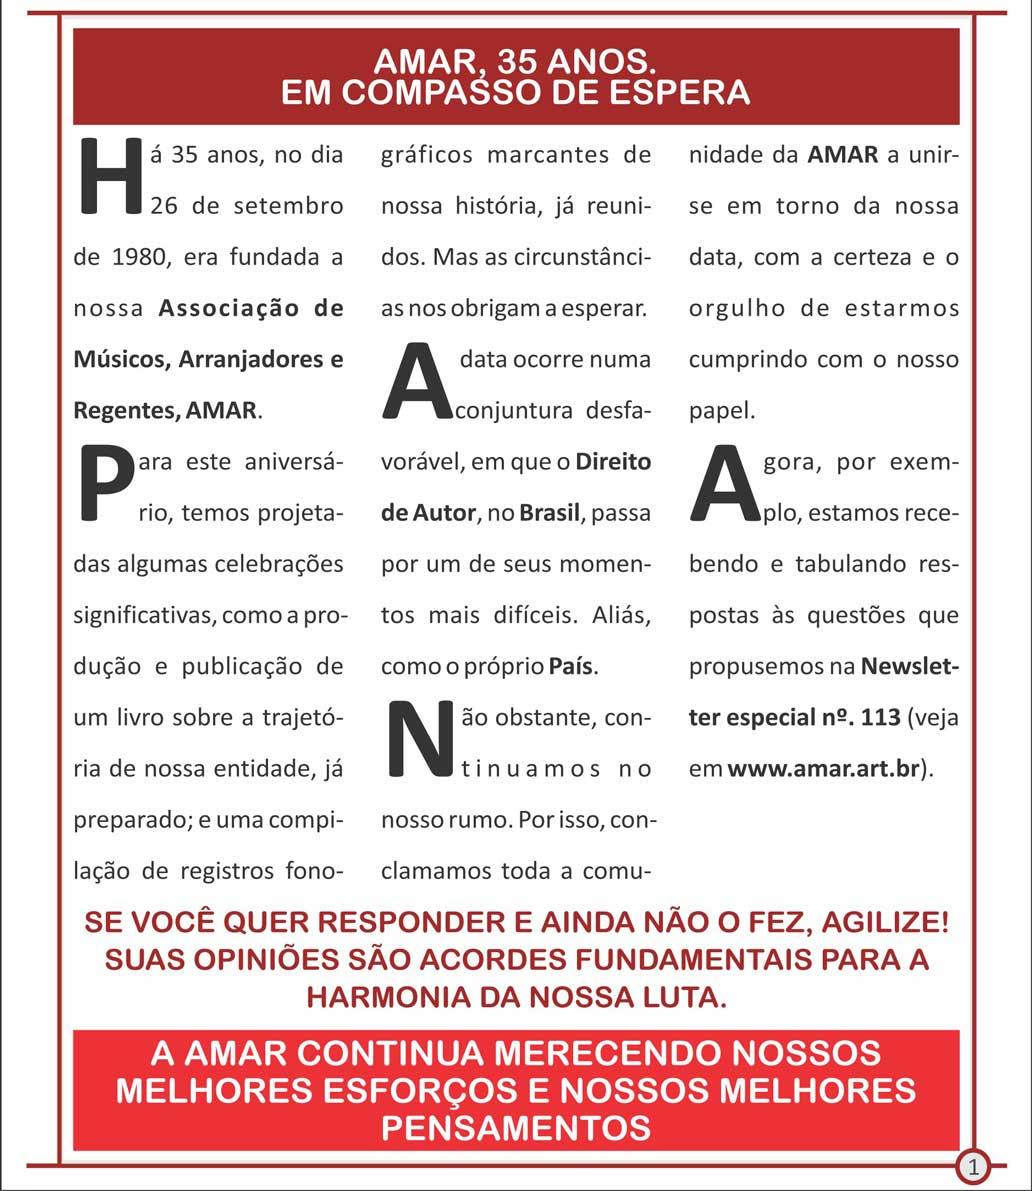 Amar Comunicado Especial-01Set2015-Web-Pag1